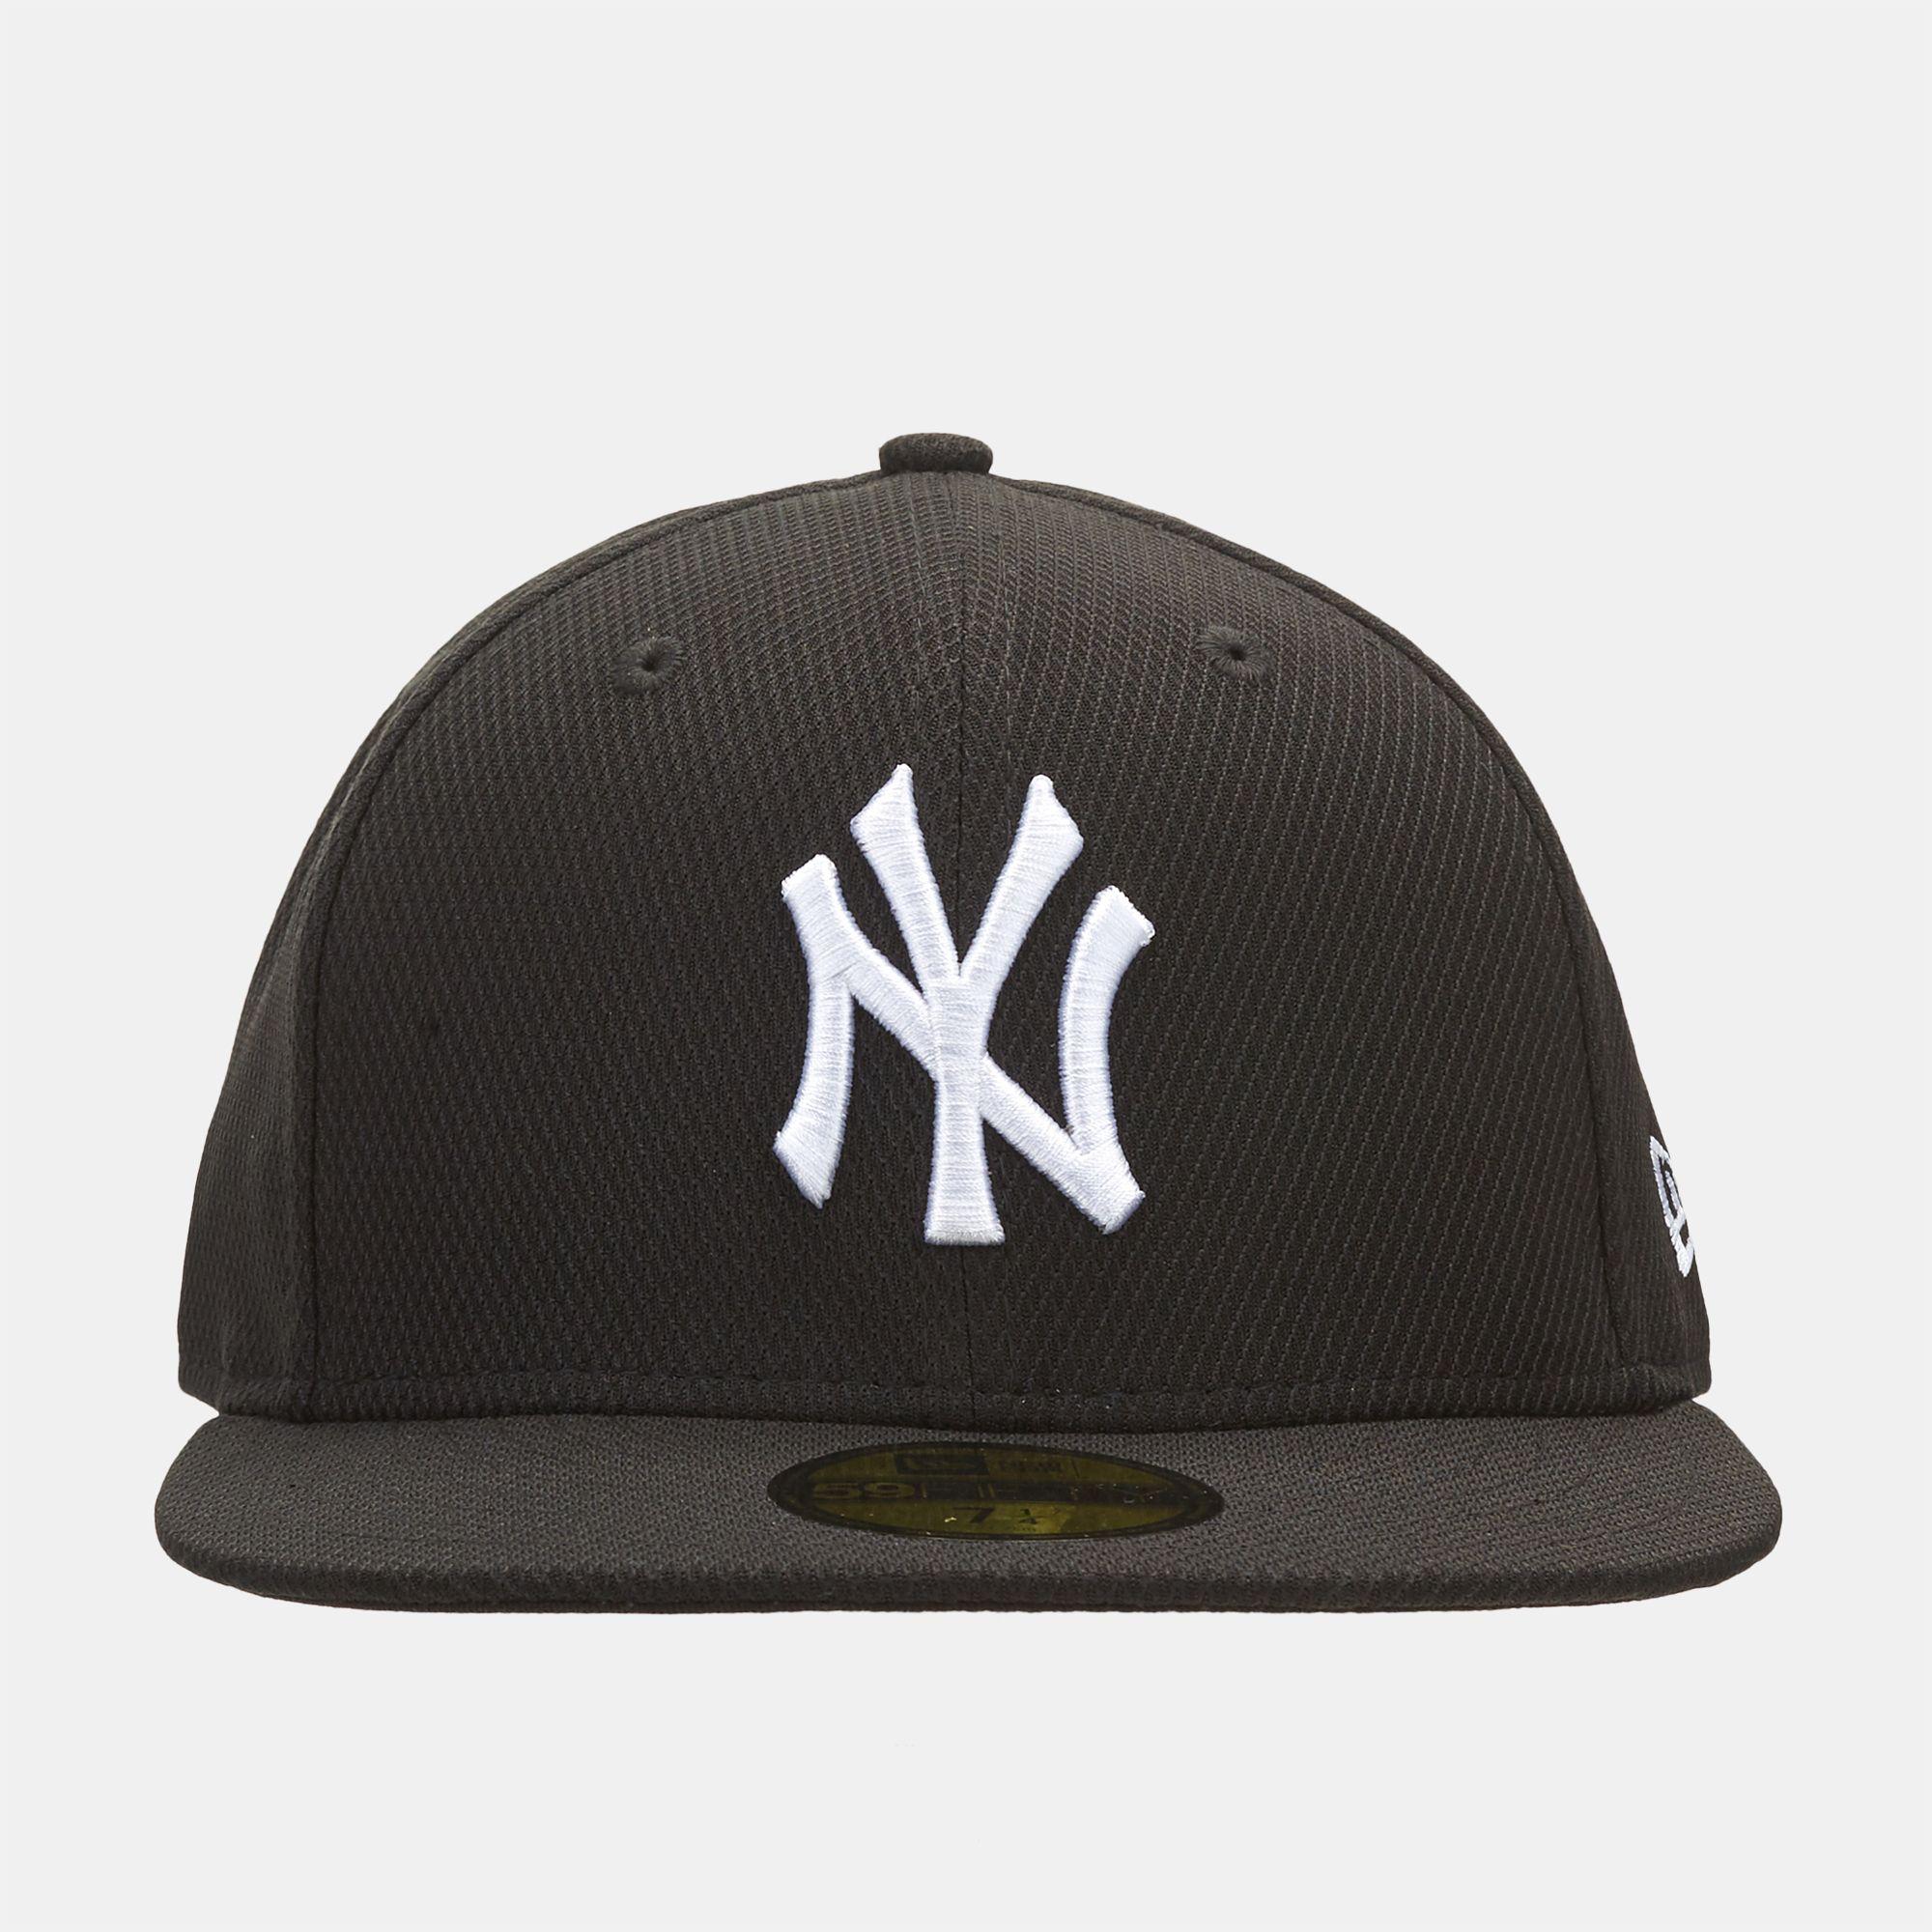 ff8f30dd9eb41 Shop Black New Era MLB Diamond Essential New York Yankees 59FIFTY ...